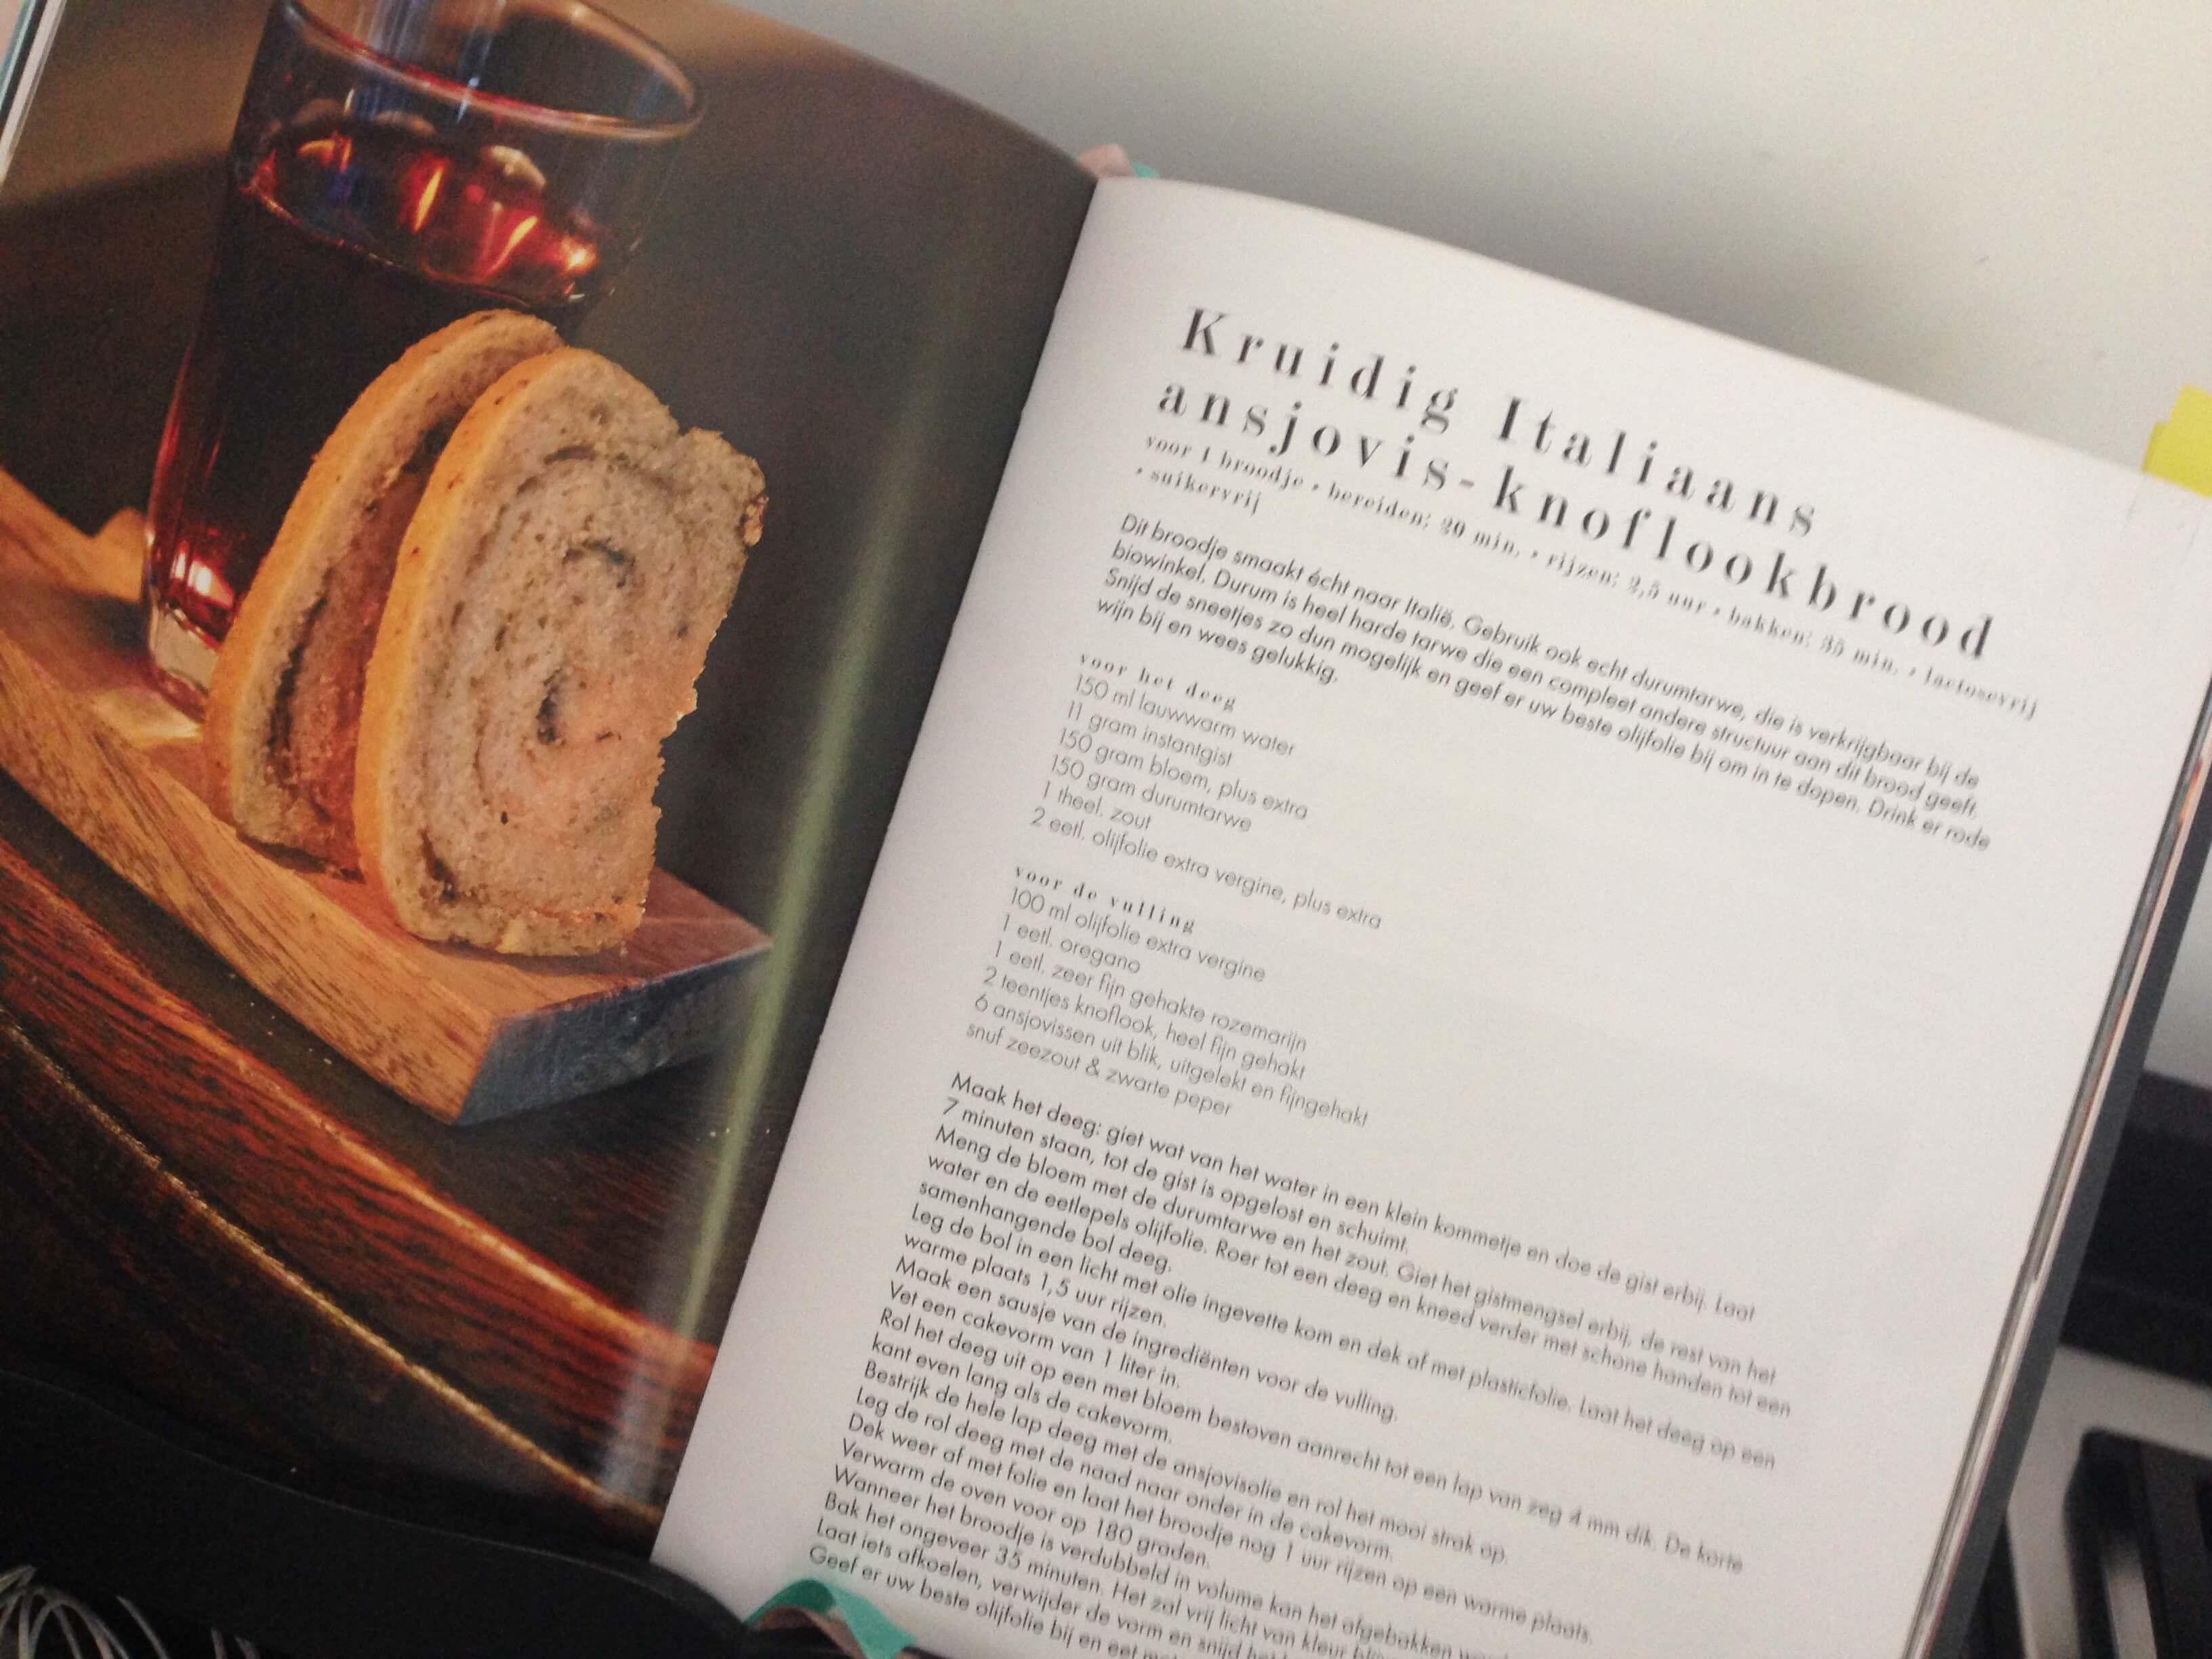 Ansjovis Knoflookbrood 2| Viving